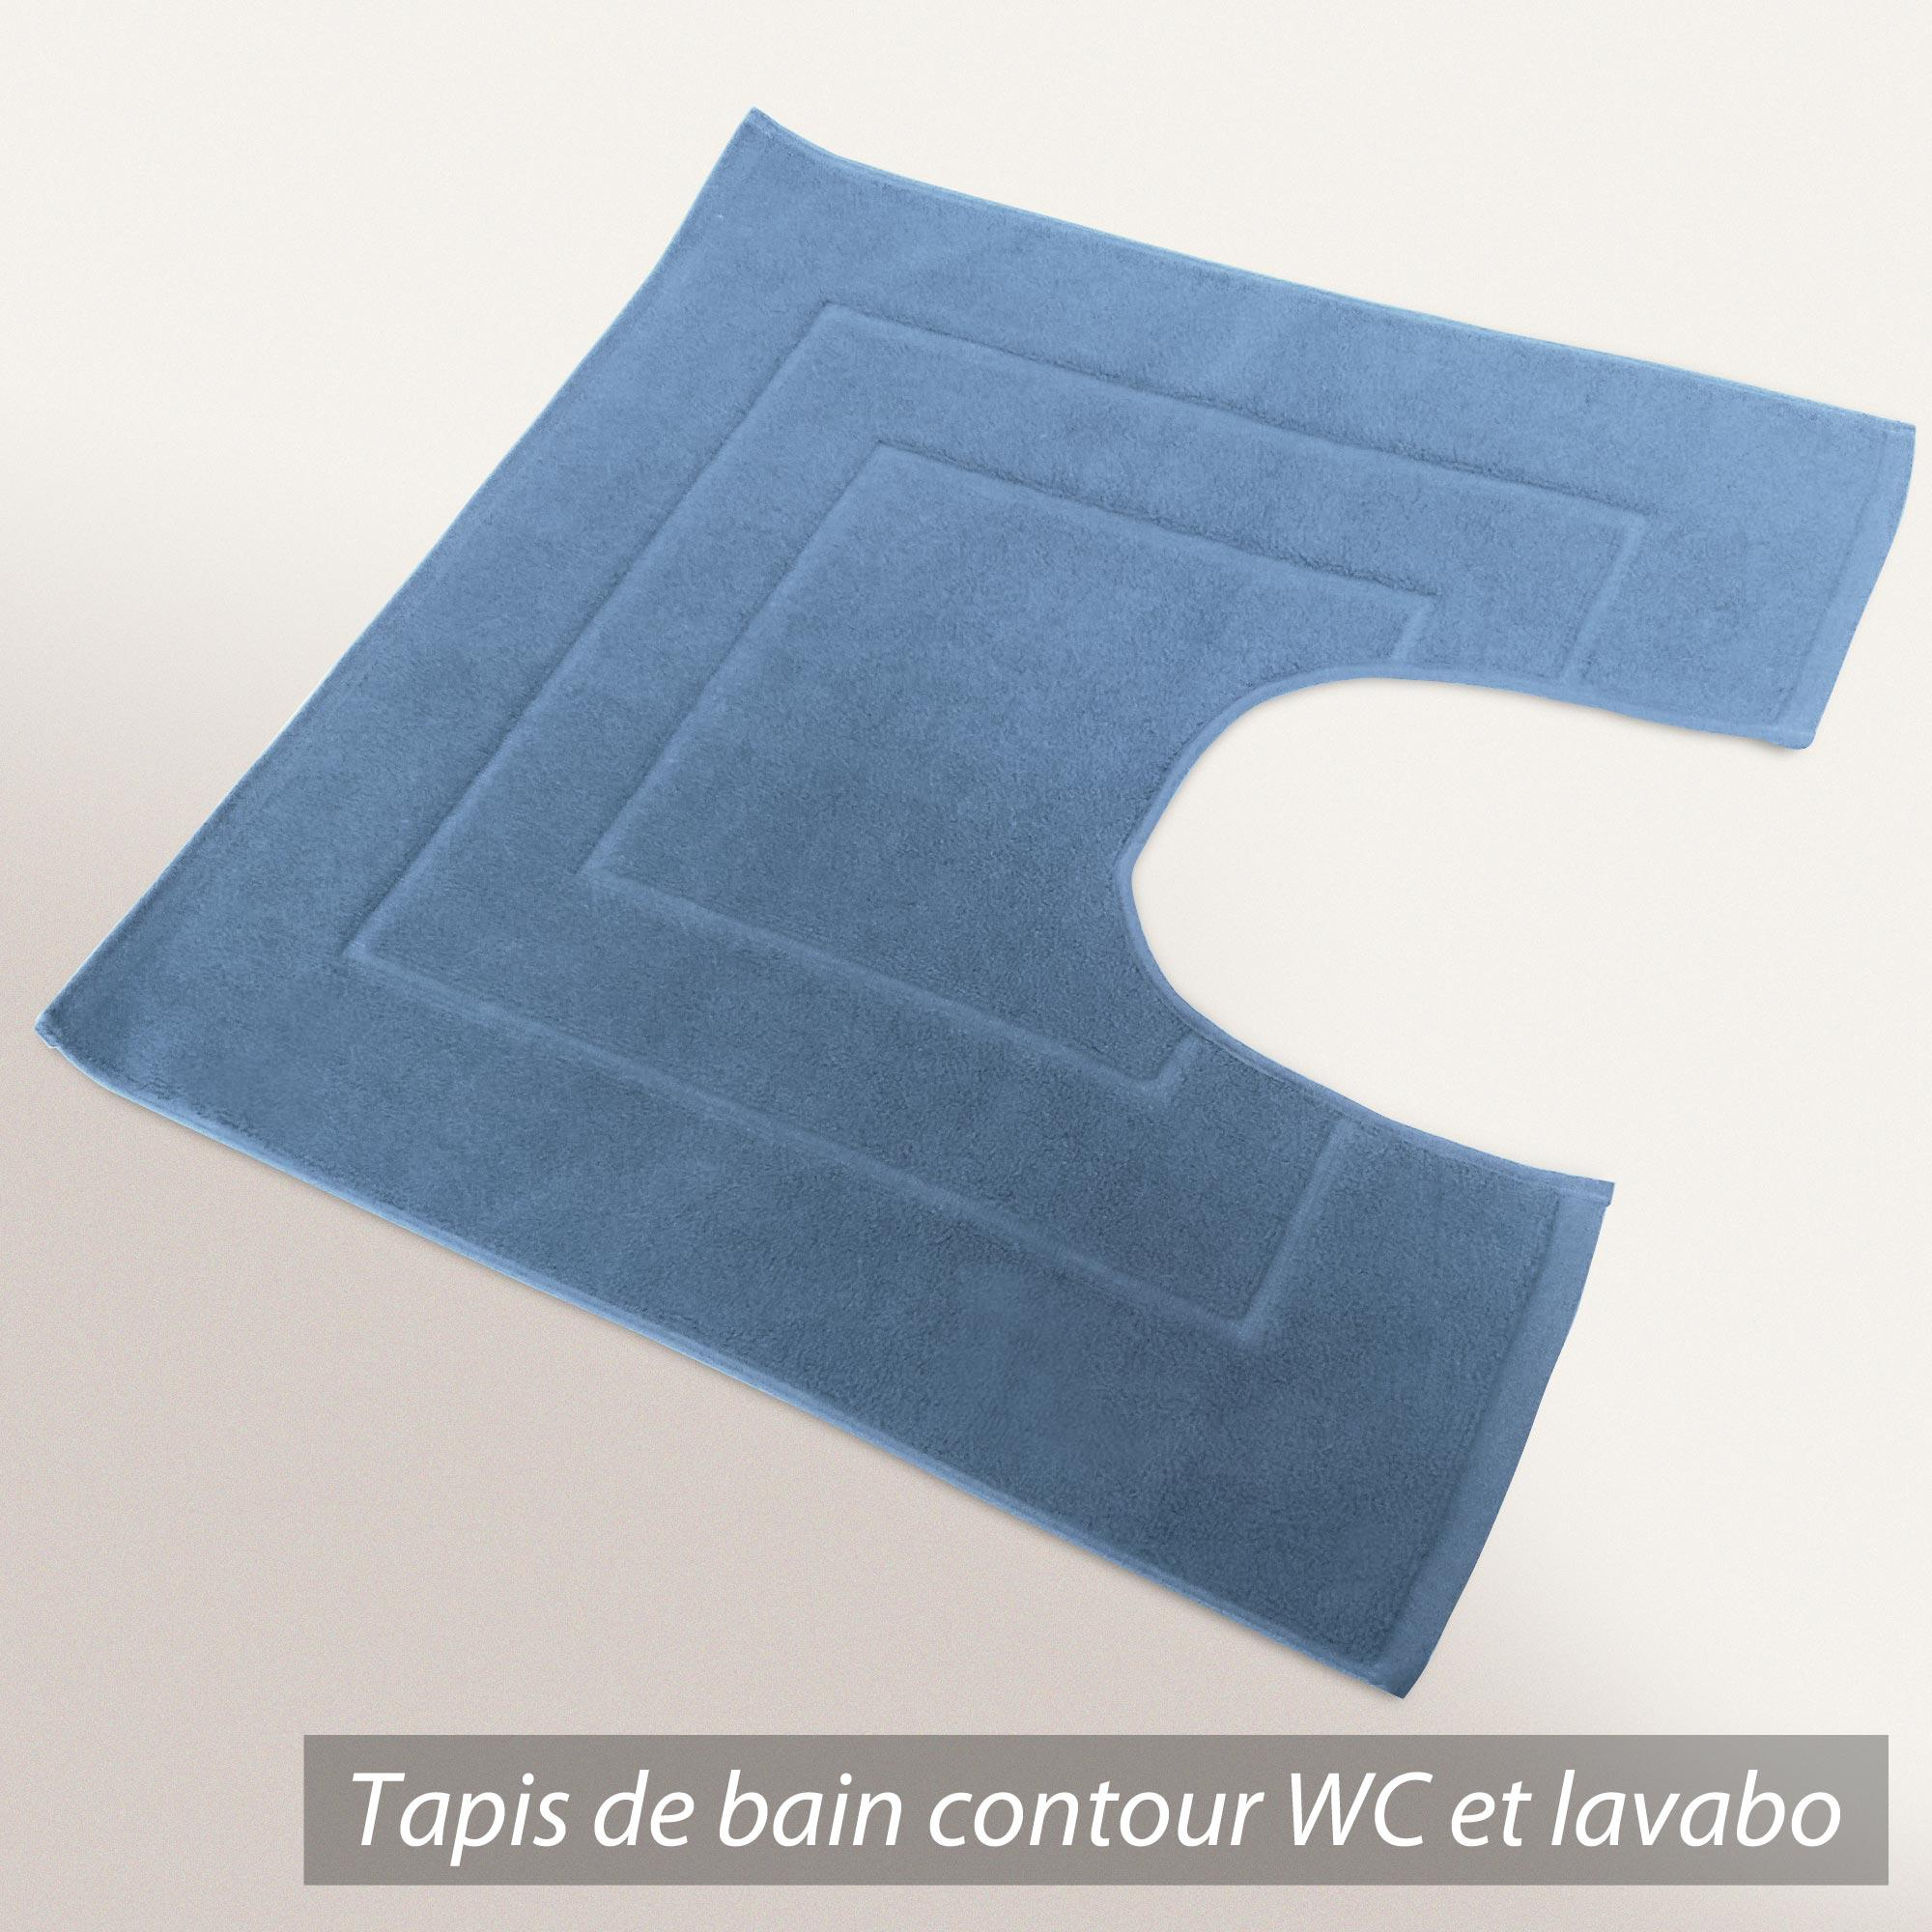 trendy tapis de bain contour wc xcm uni coton flair bleu moyen linnea vente de wc with wc. Black Bedroom Furniture Sets. Home Design Ideas